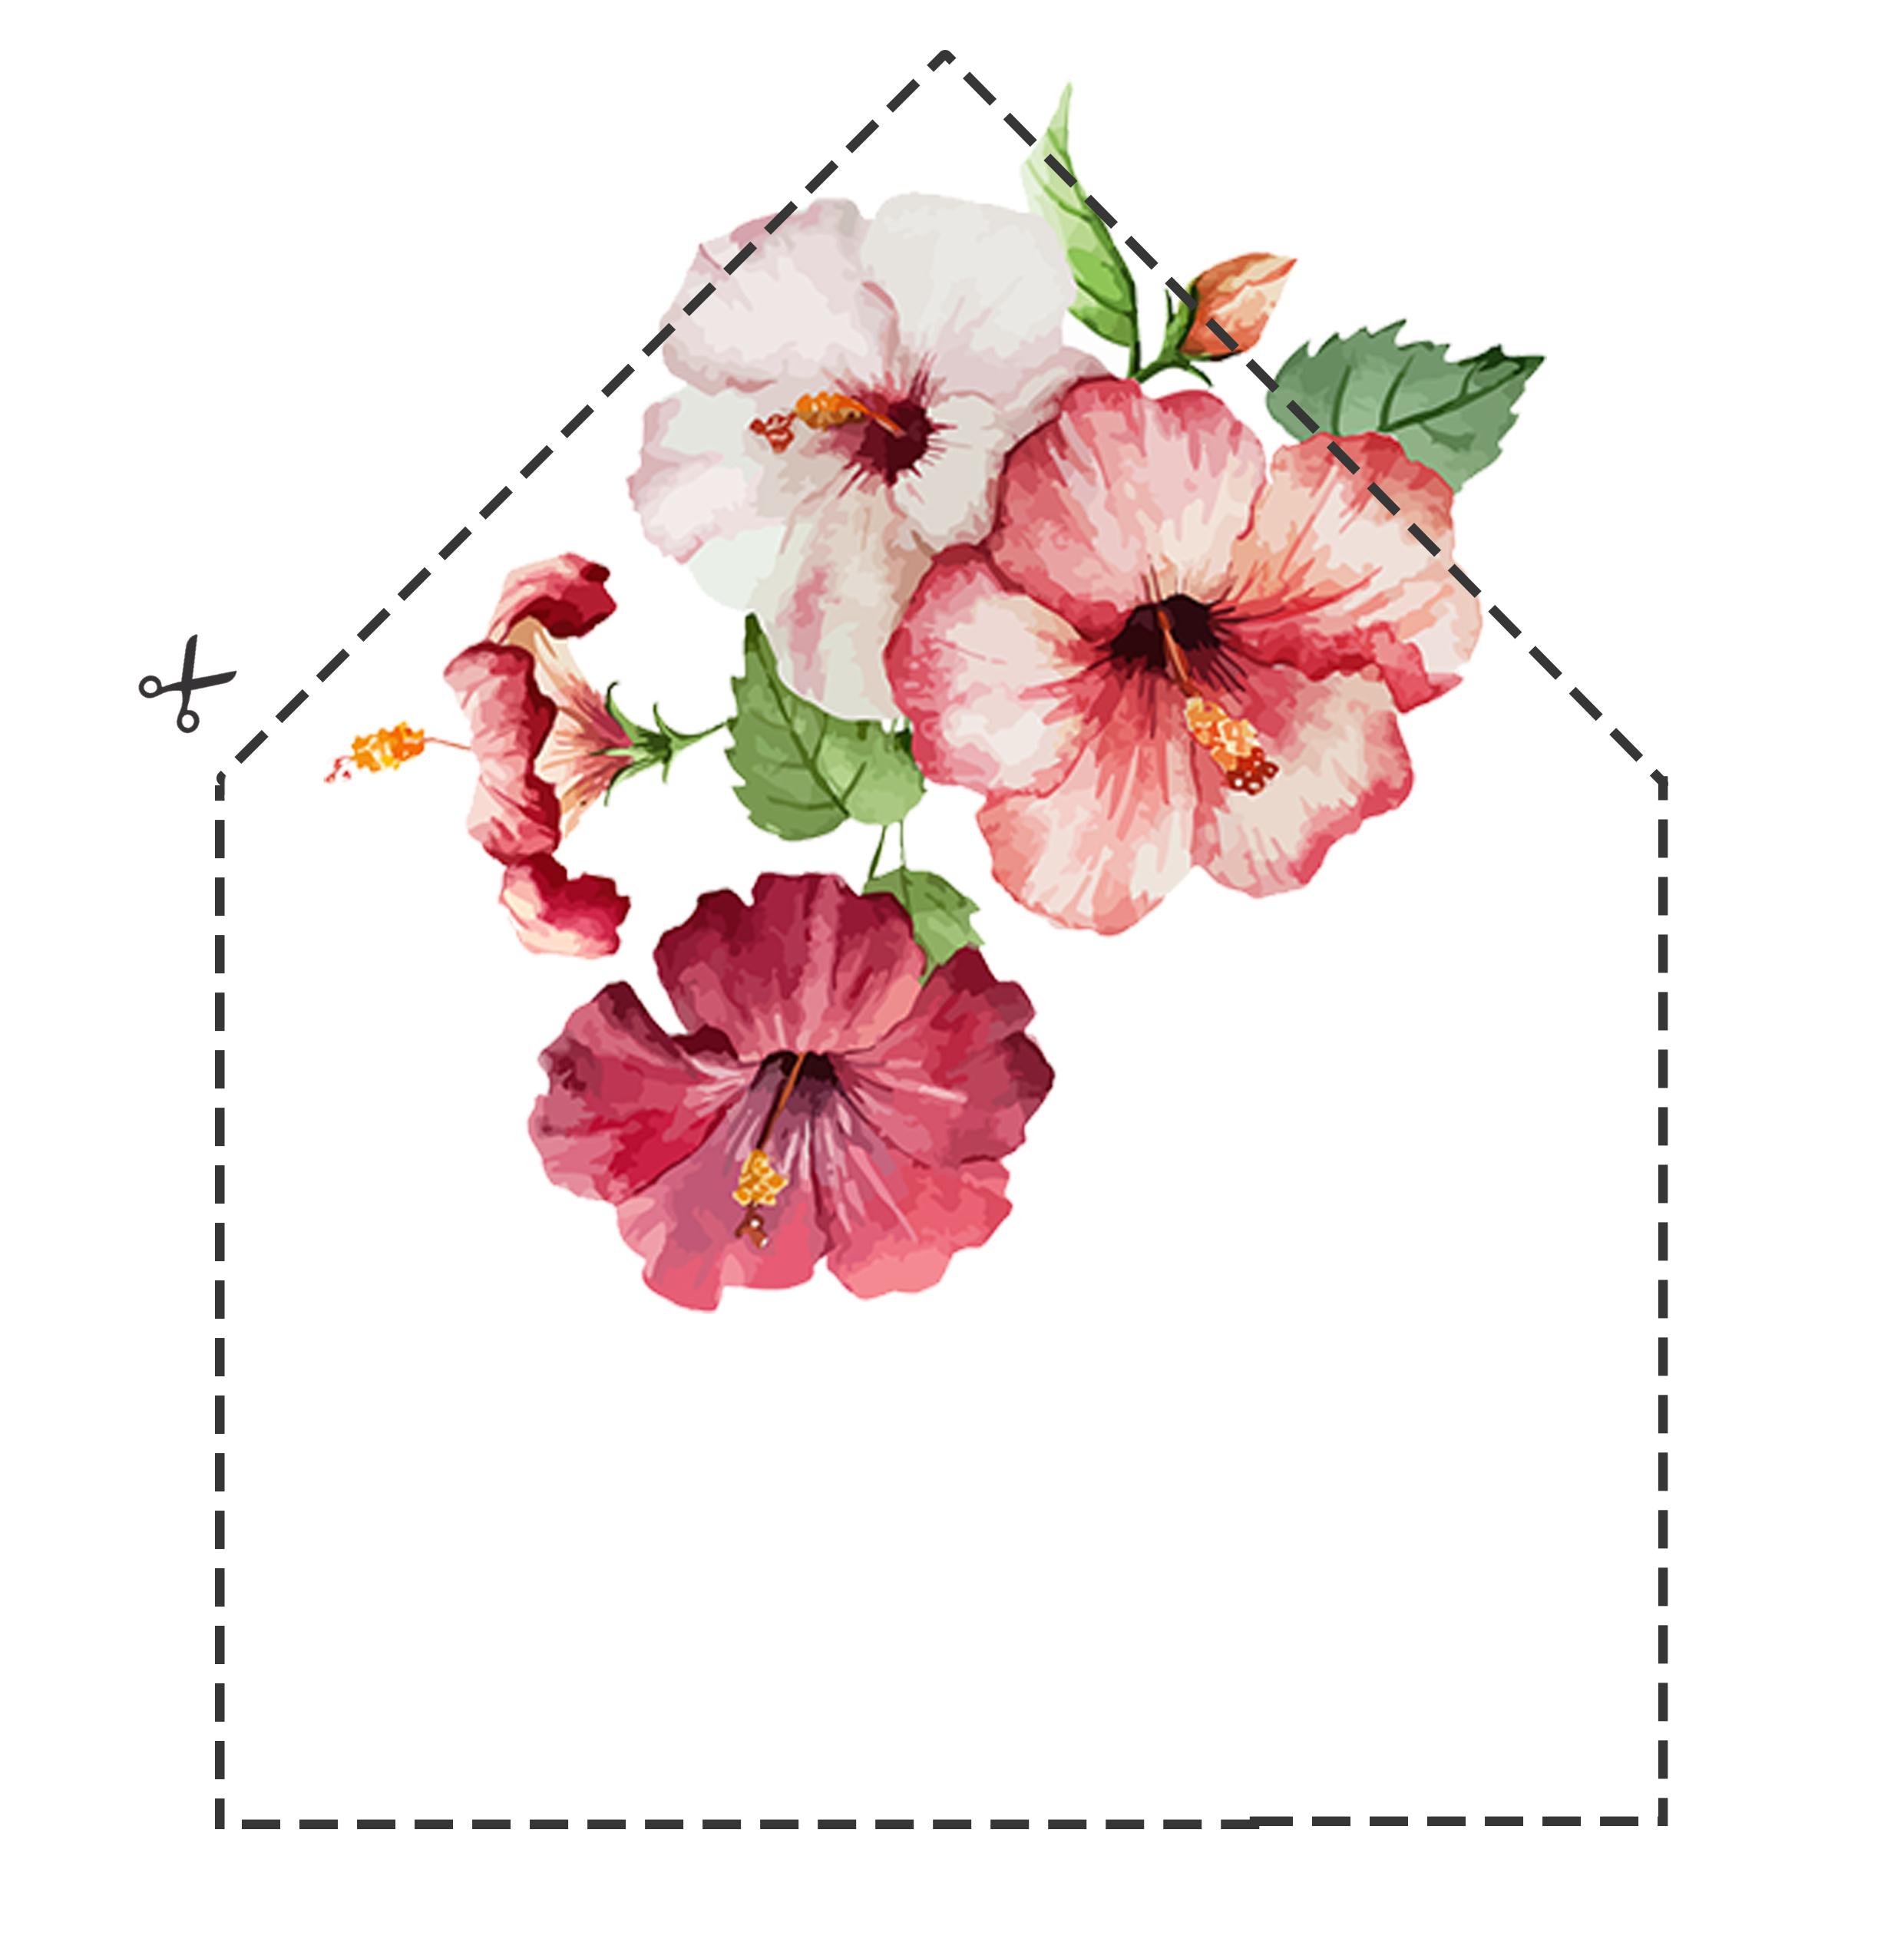 šablóna-vložka-do-obálky-na-stiahnutie-kvety-ibišteka